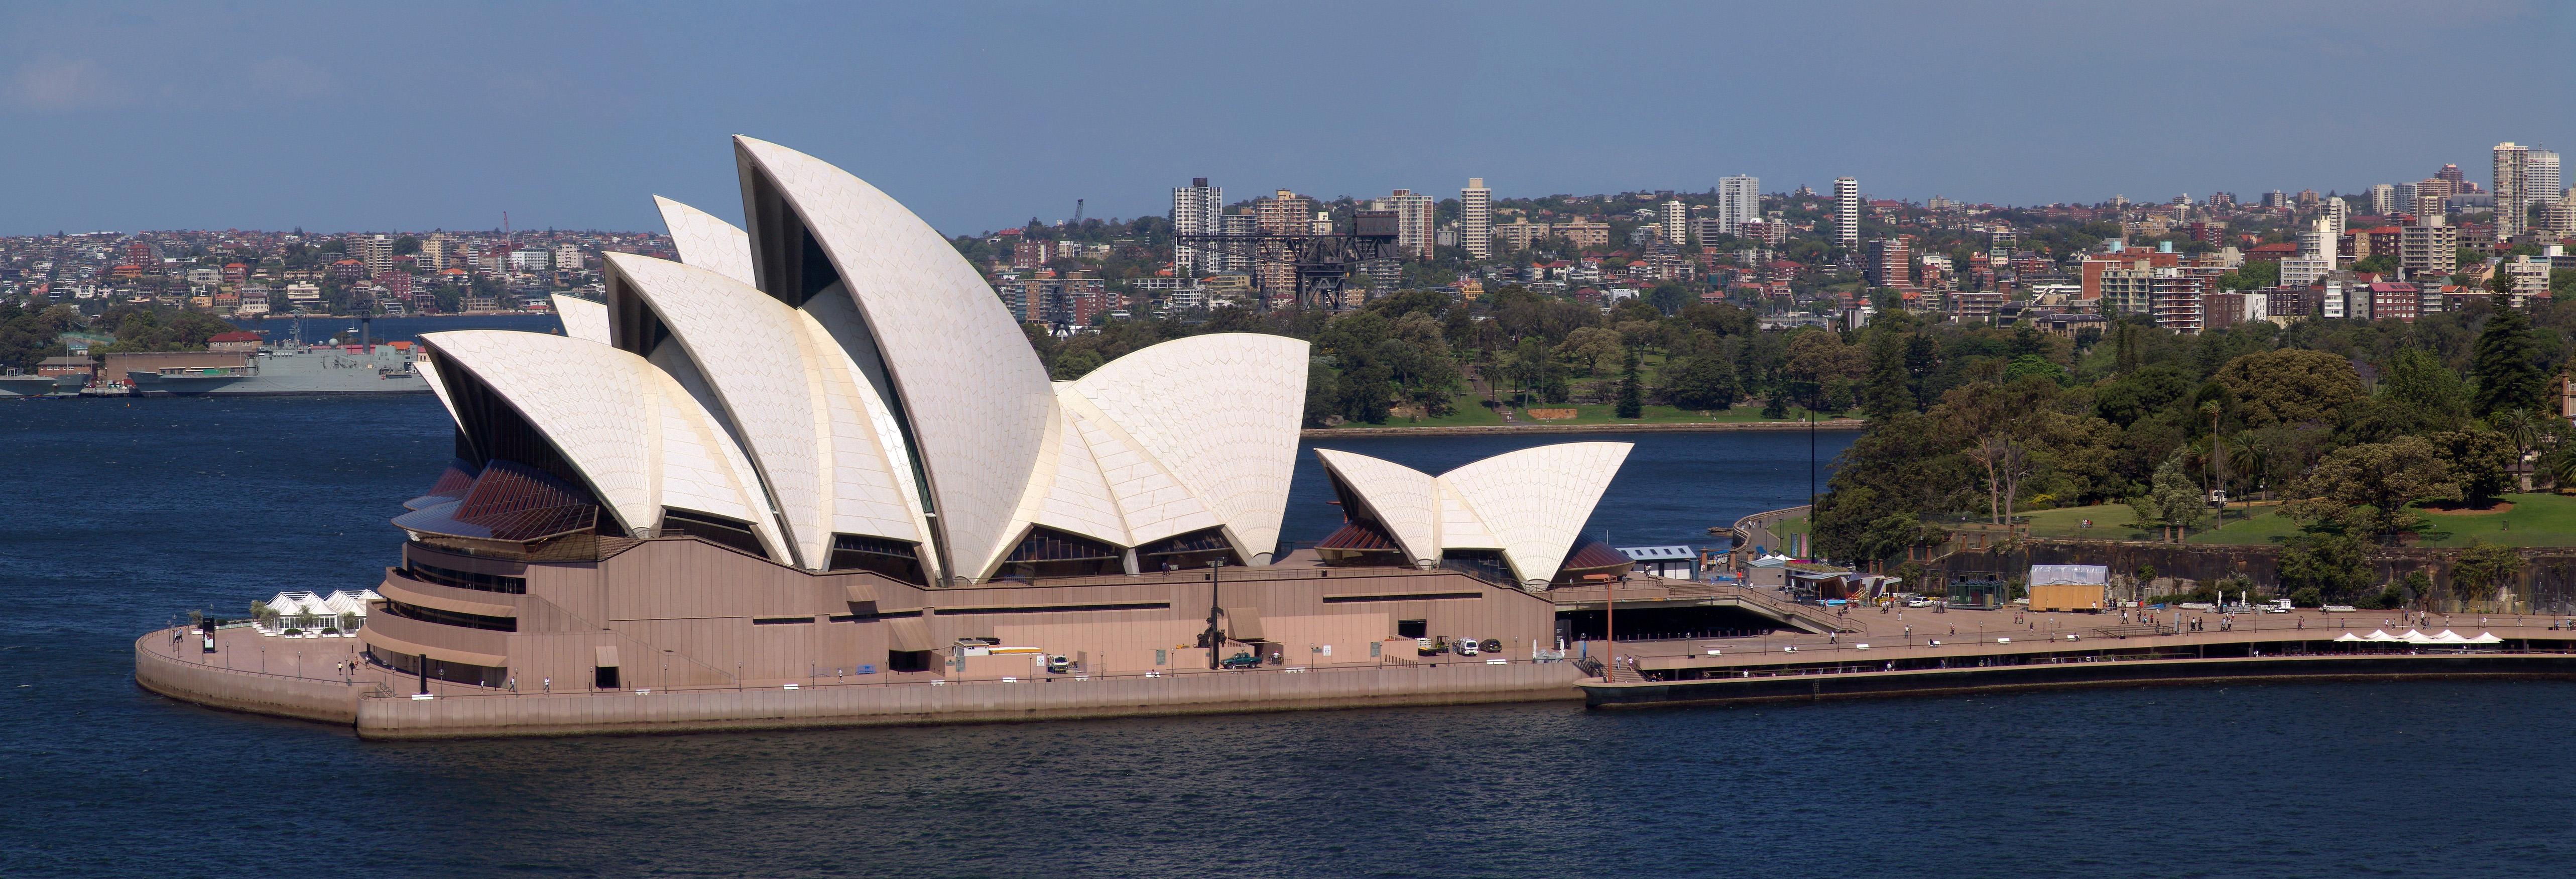 Sydney Tony66